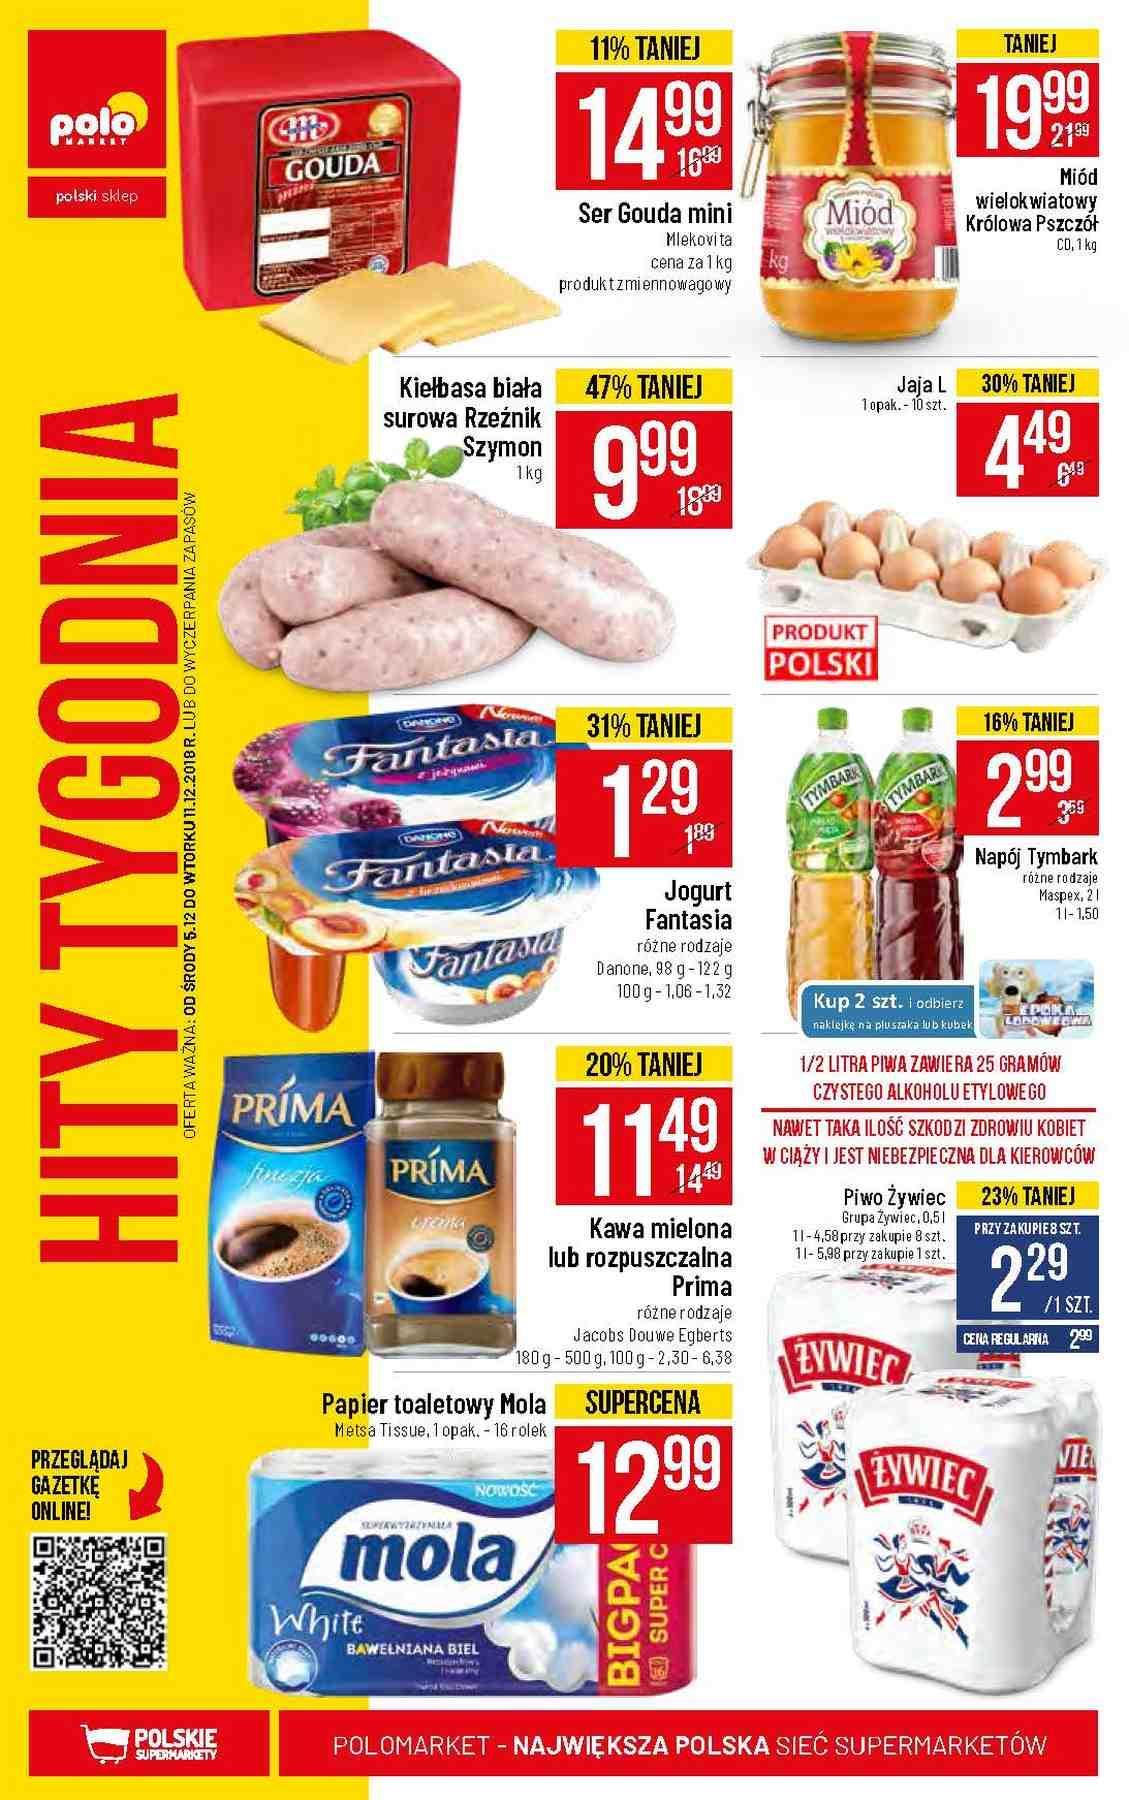 Gazetka promocyjna POLOmarket do 11/12/2018 str.20